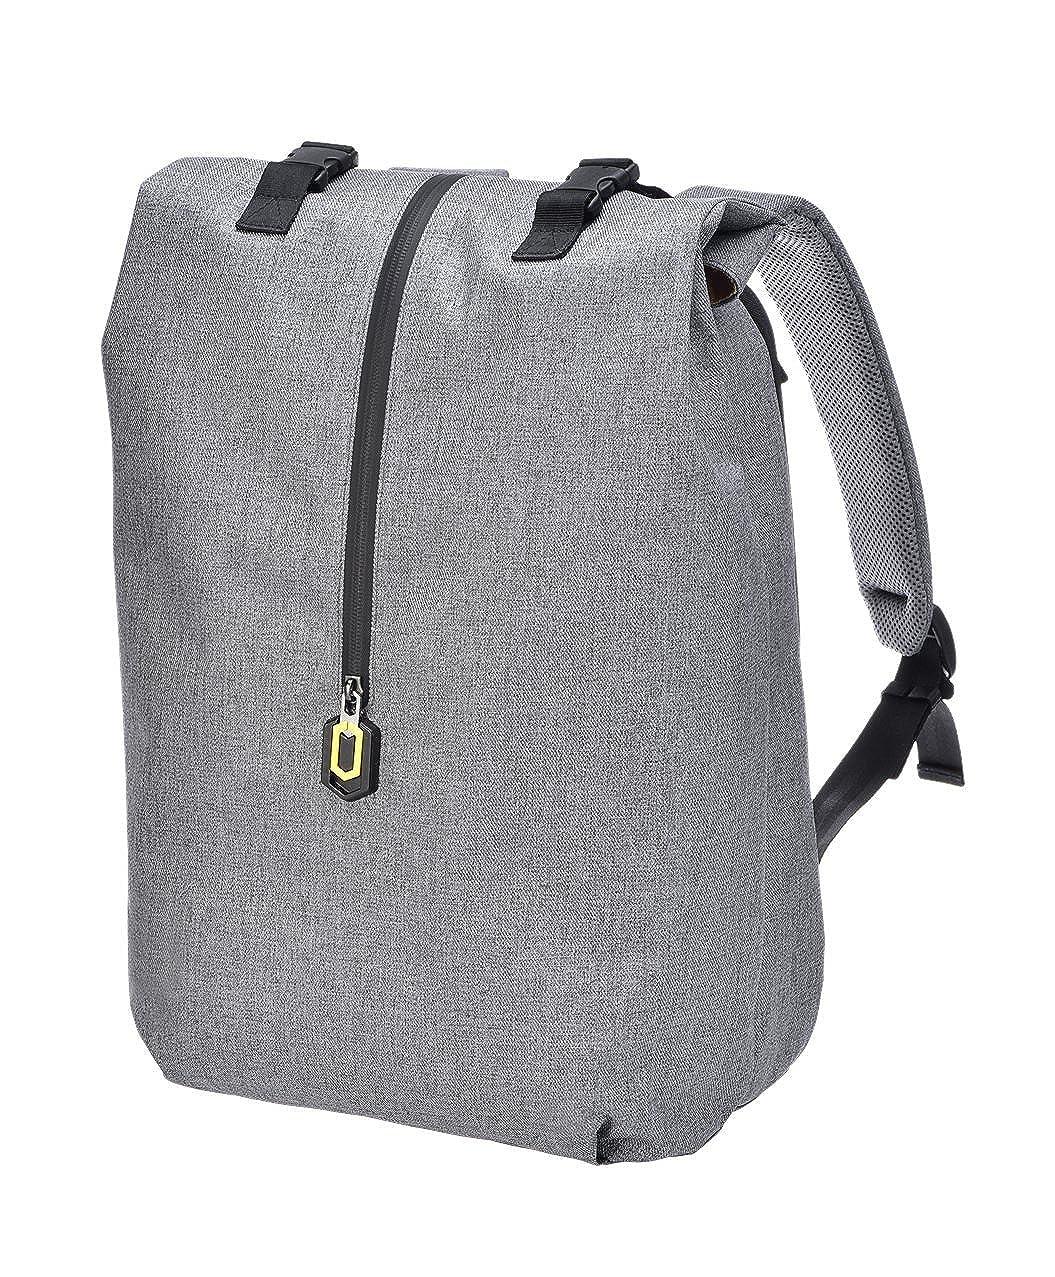 90楽しい学校ブックバッグビジネス作業14インチノートパソコンバックパックCommuter Bag Pack for Men Boys  グレー B072MJHN1Z